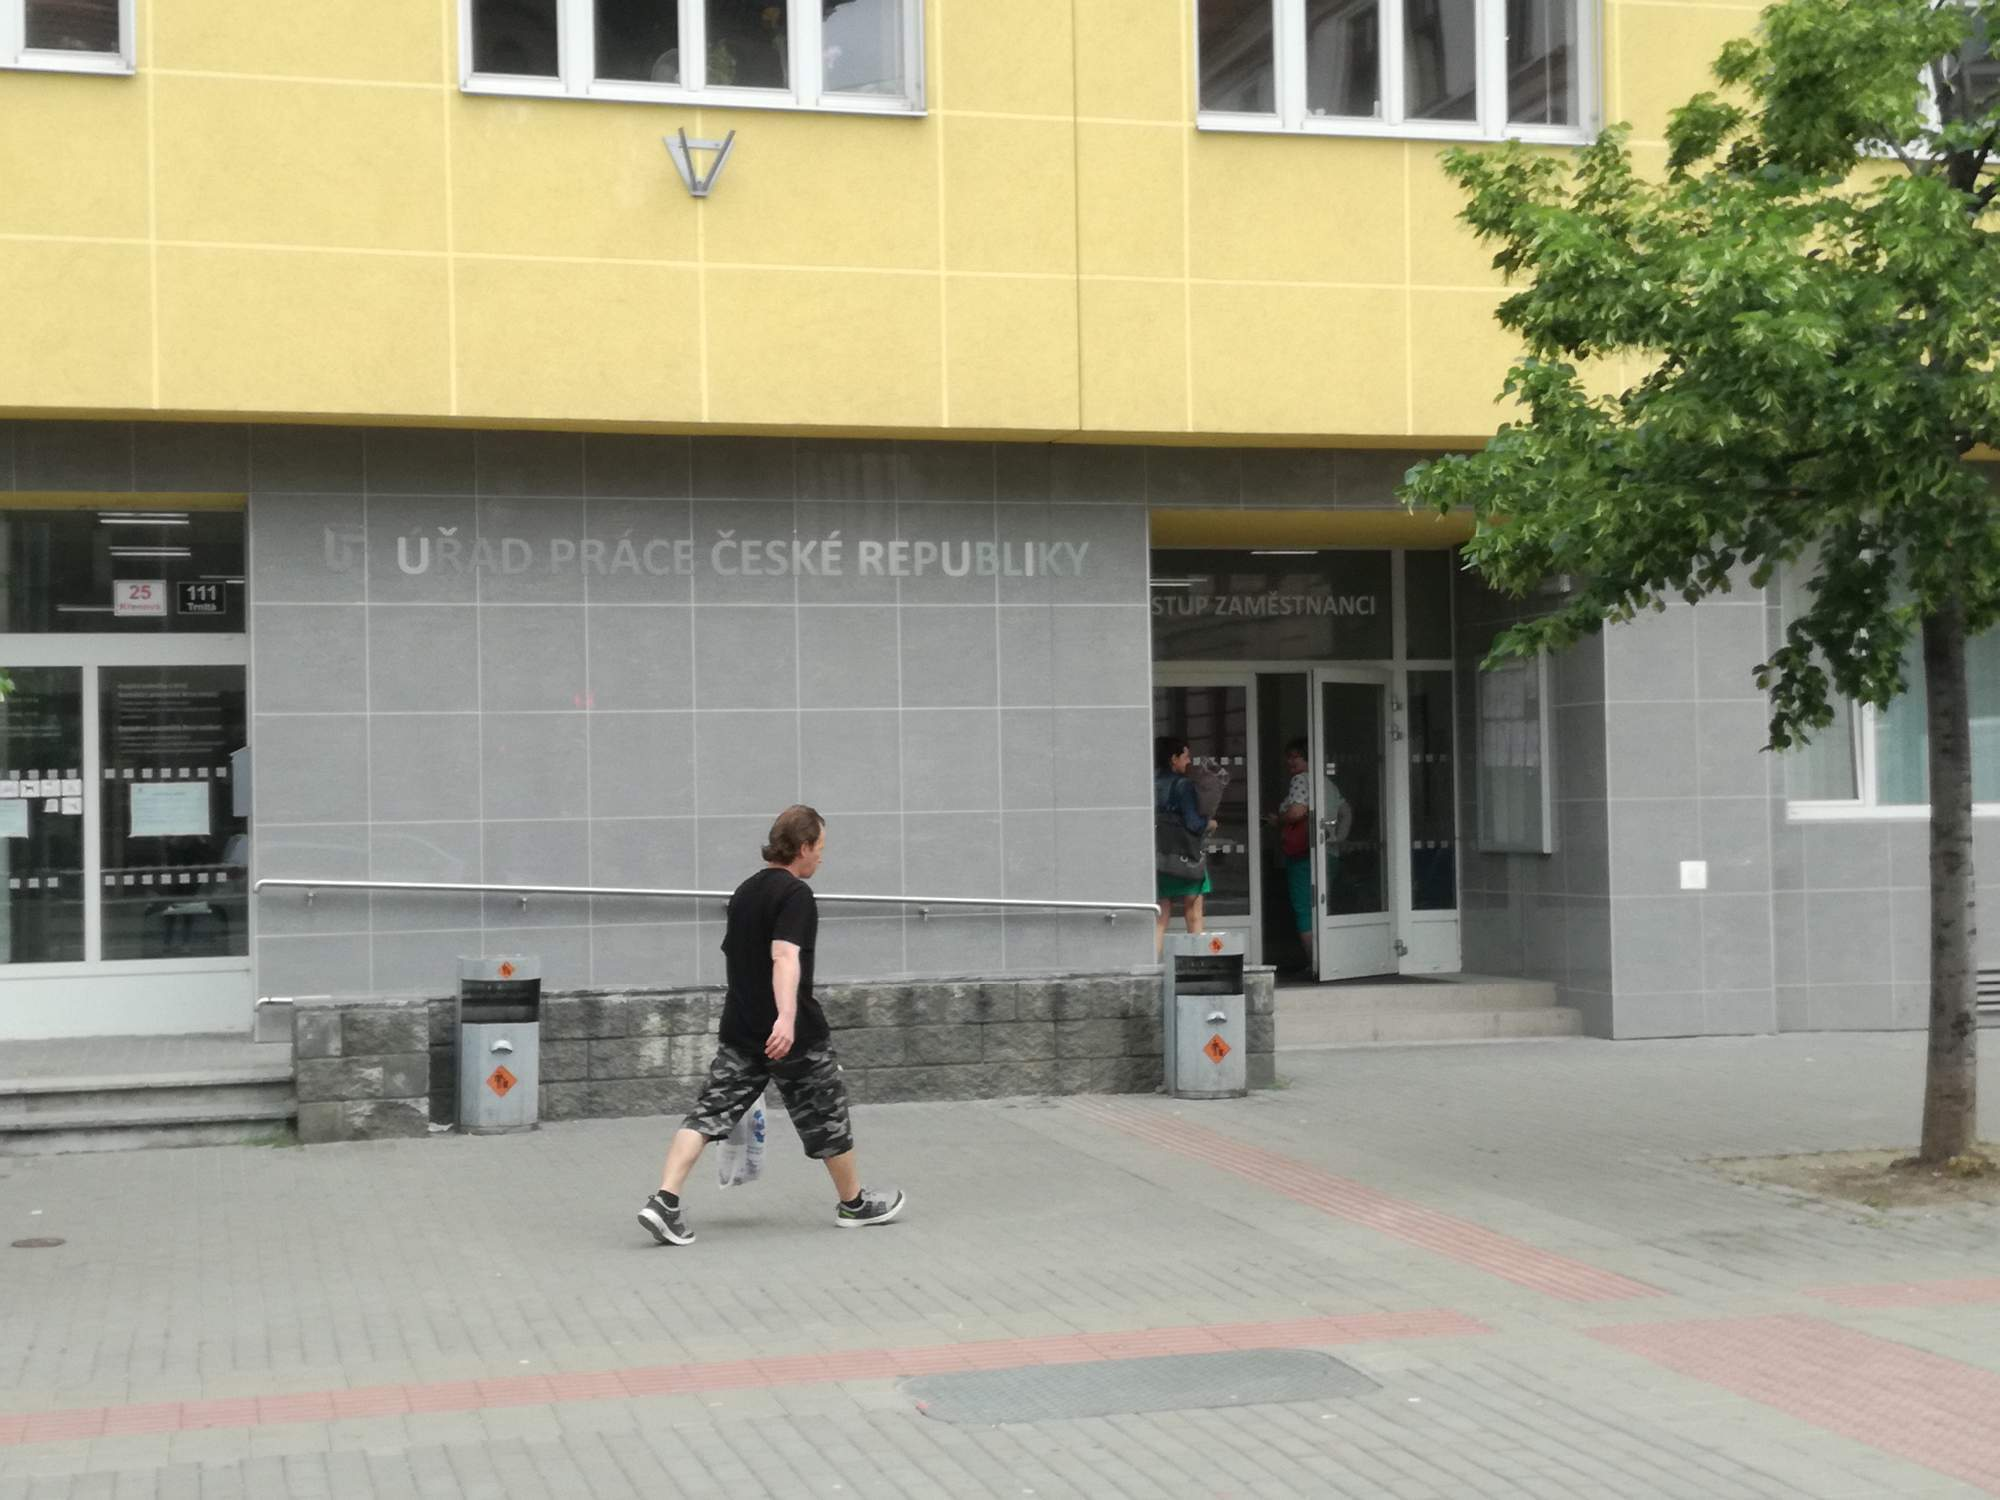 Úřad práce v Brně, foto: Sára Suchá